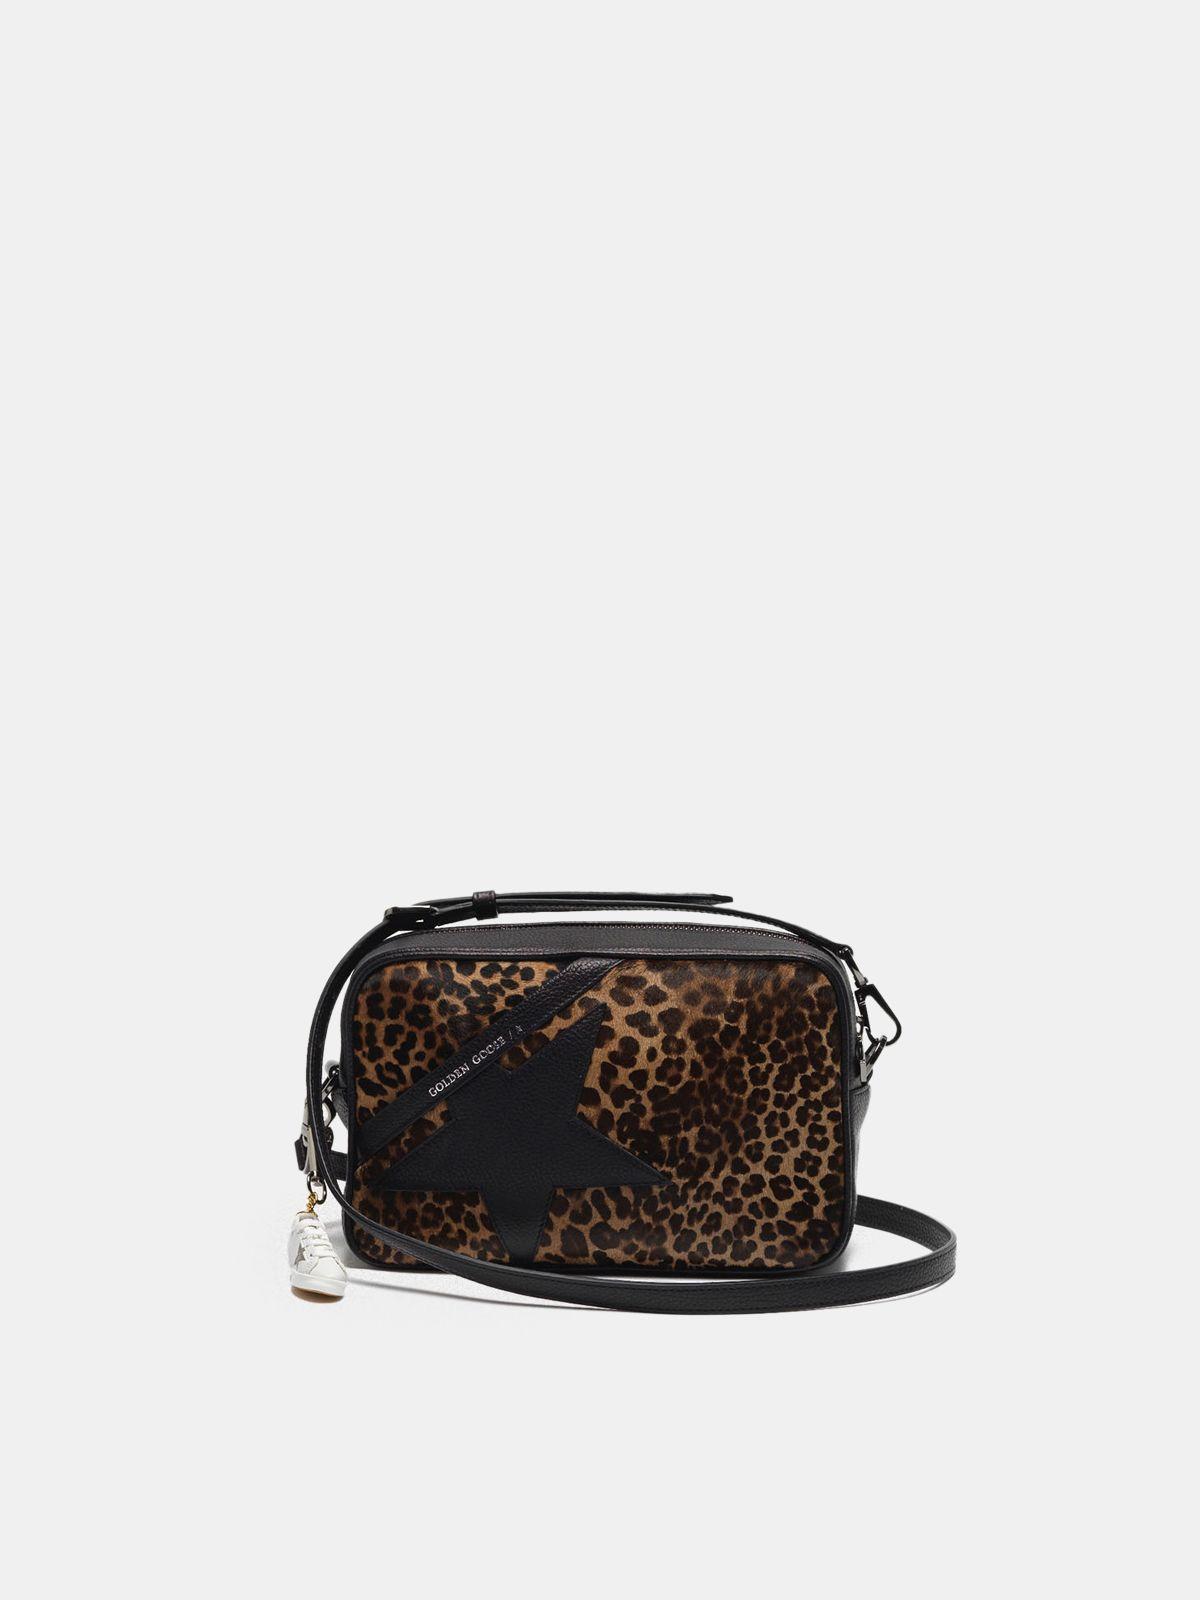 Borsa Star Bag in cavallino stampa leopardata